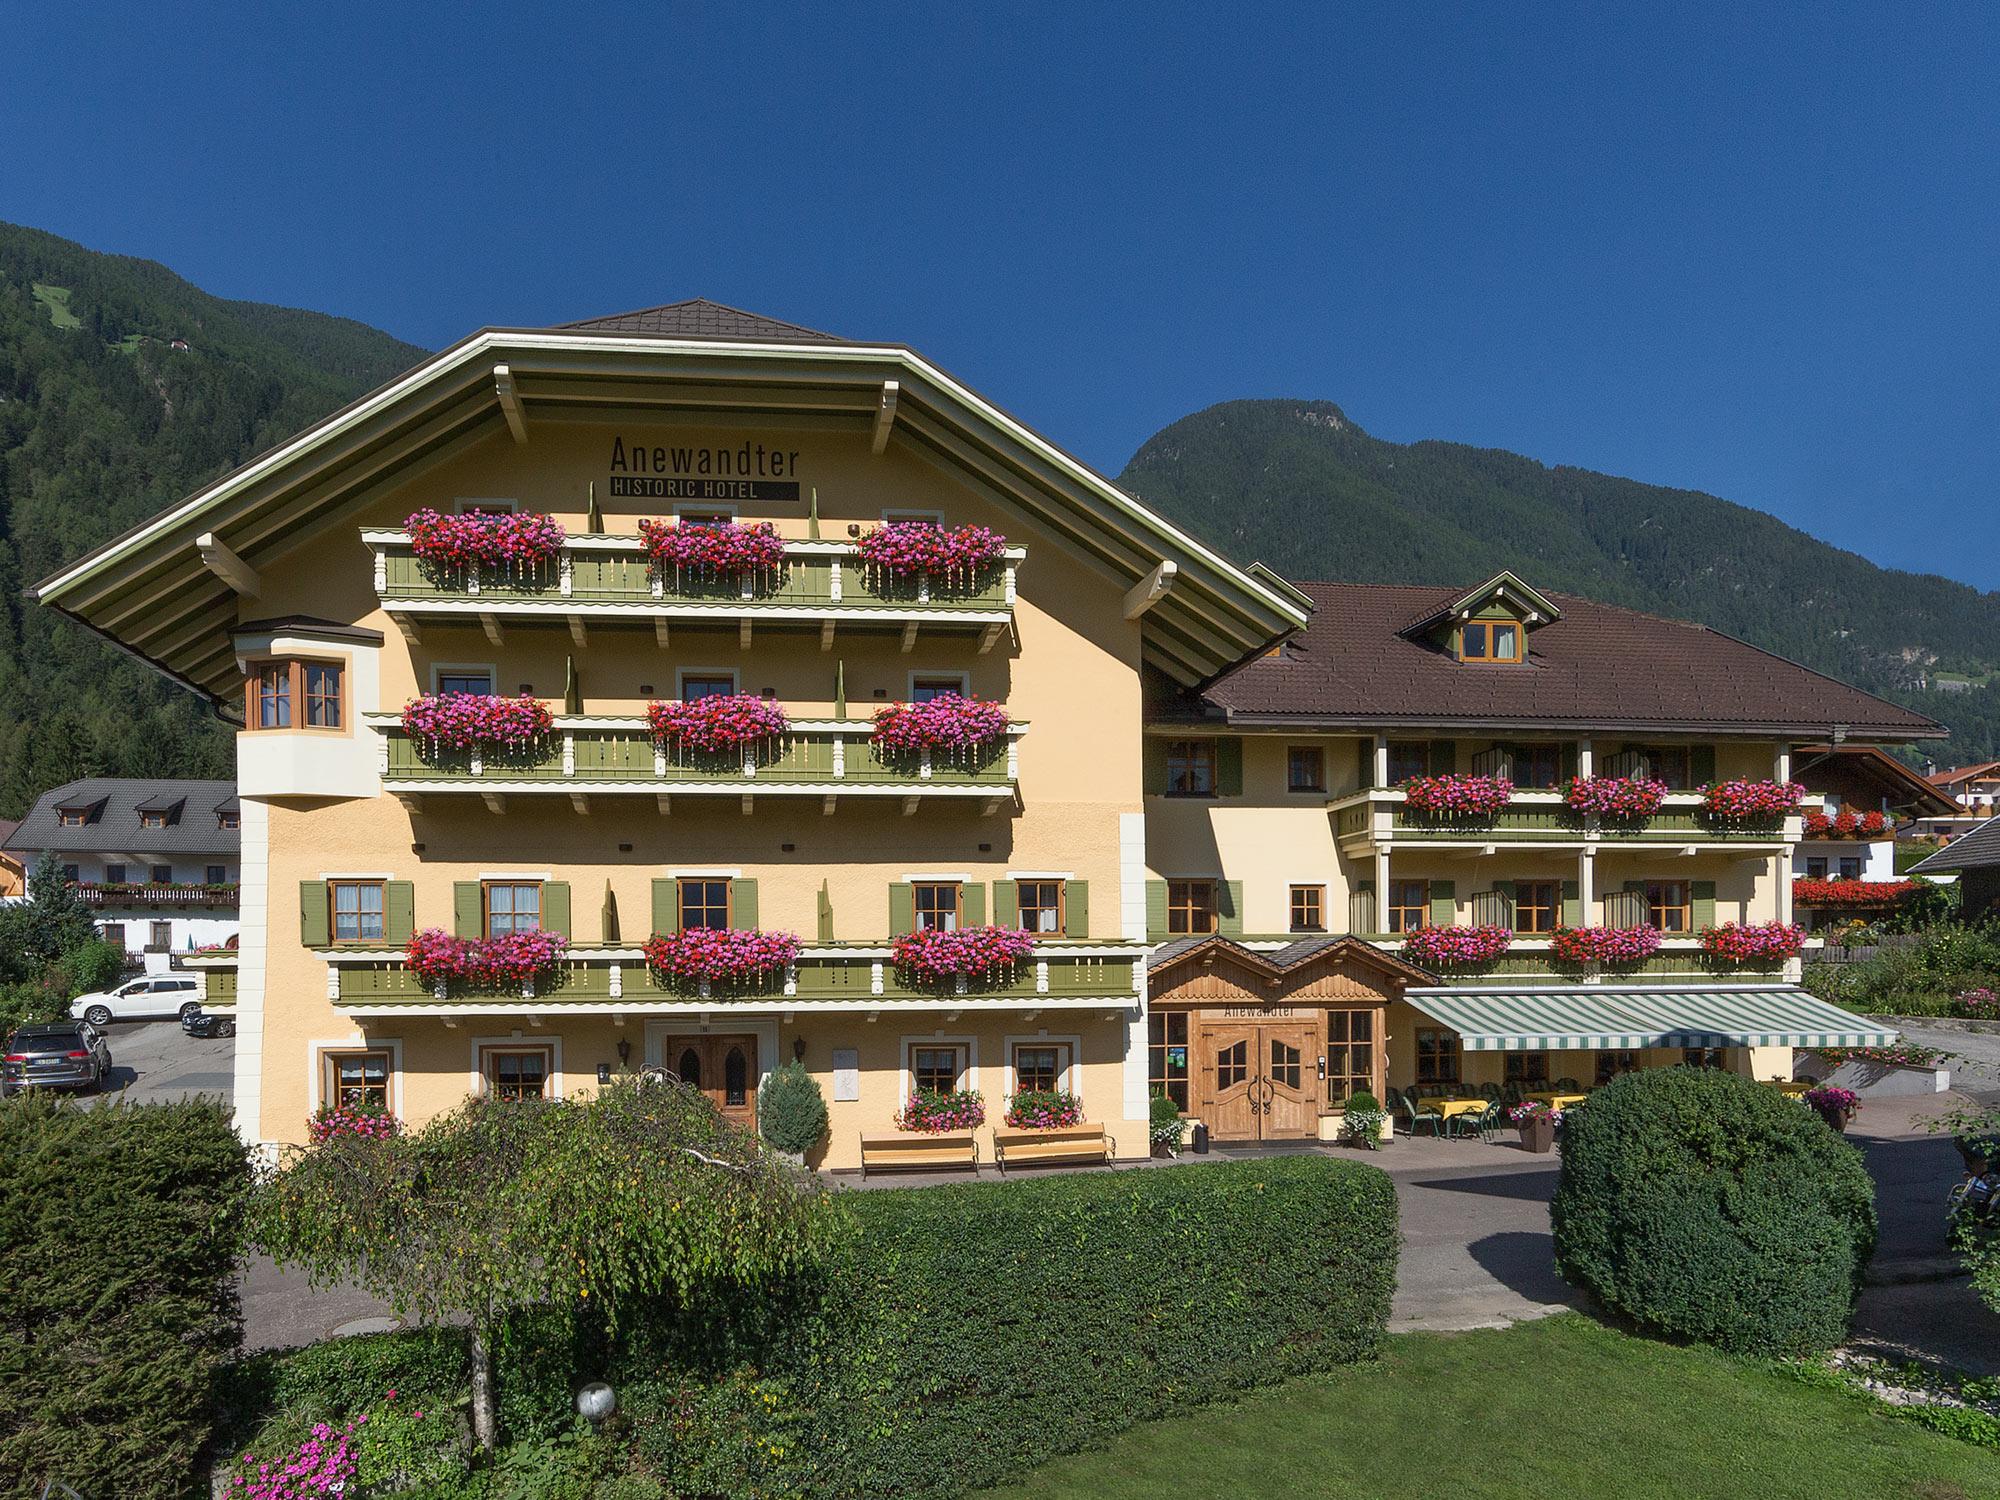 Hotel anewandter hotel per bambini in montagna a villa for Hotel per bambini trentino